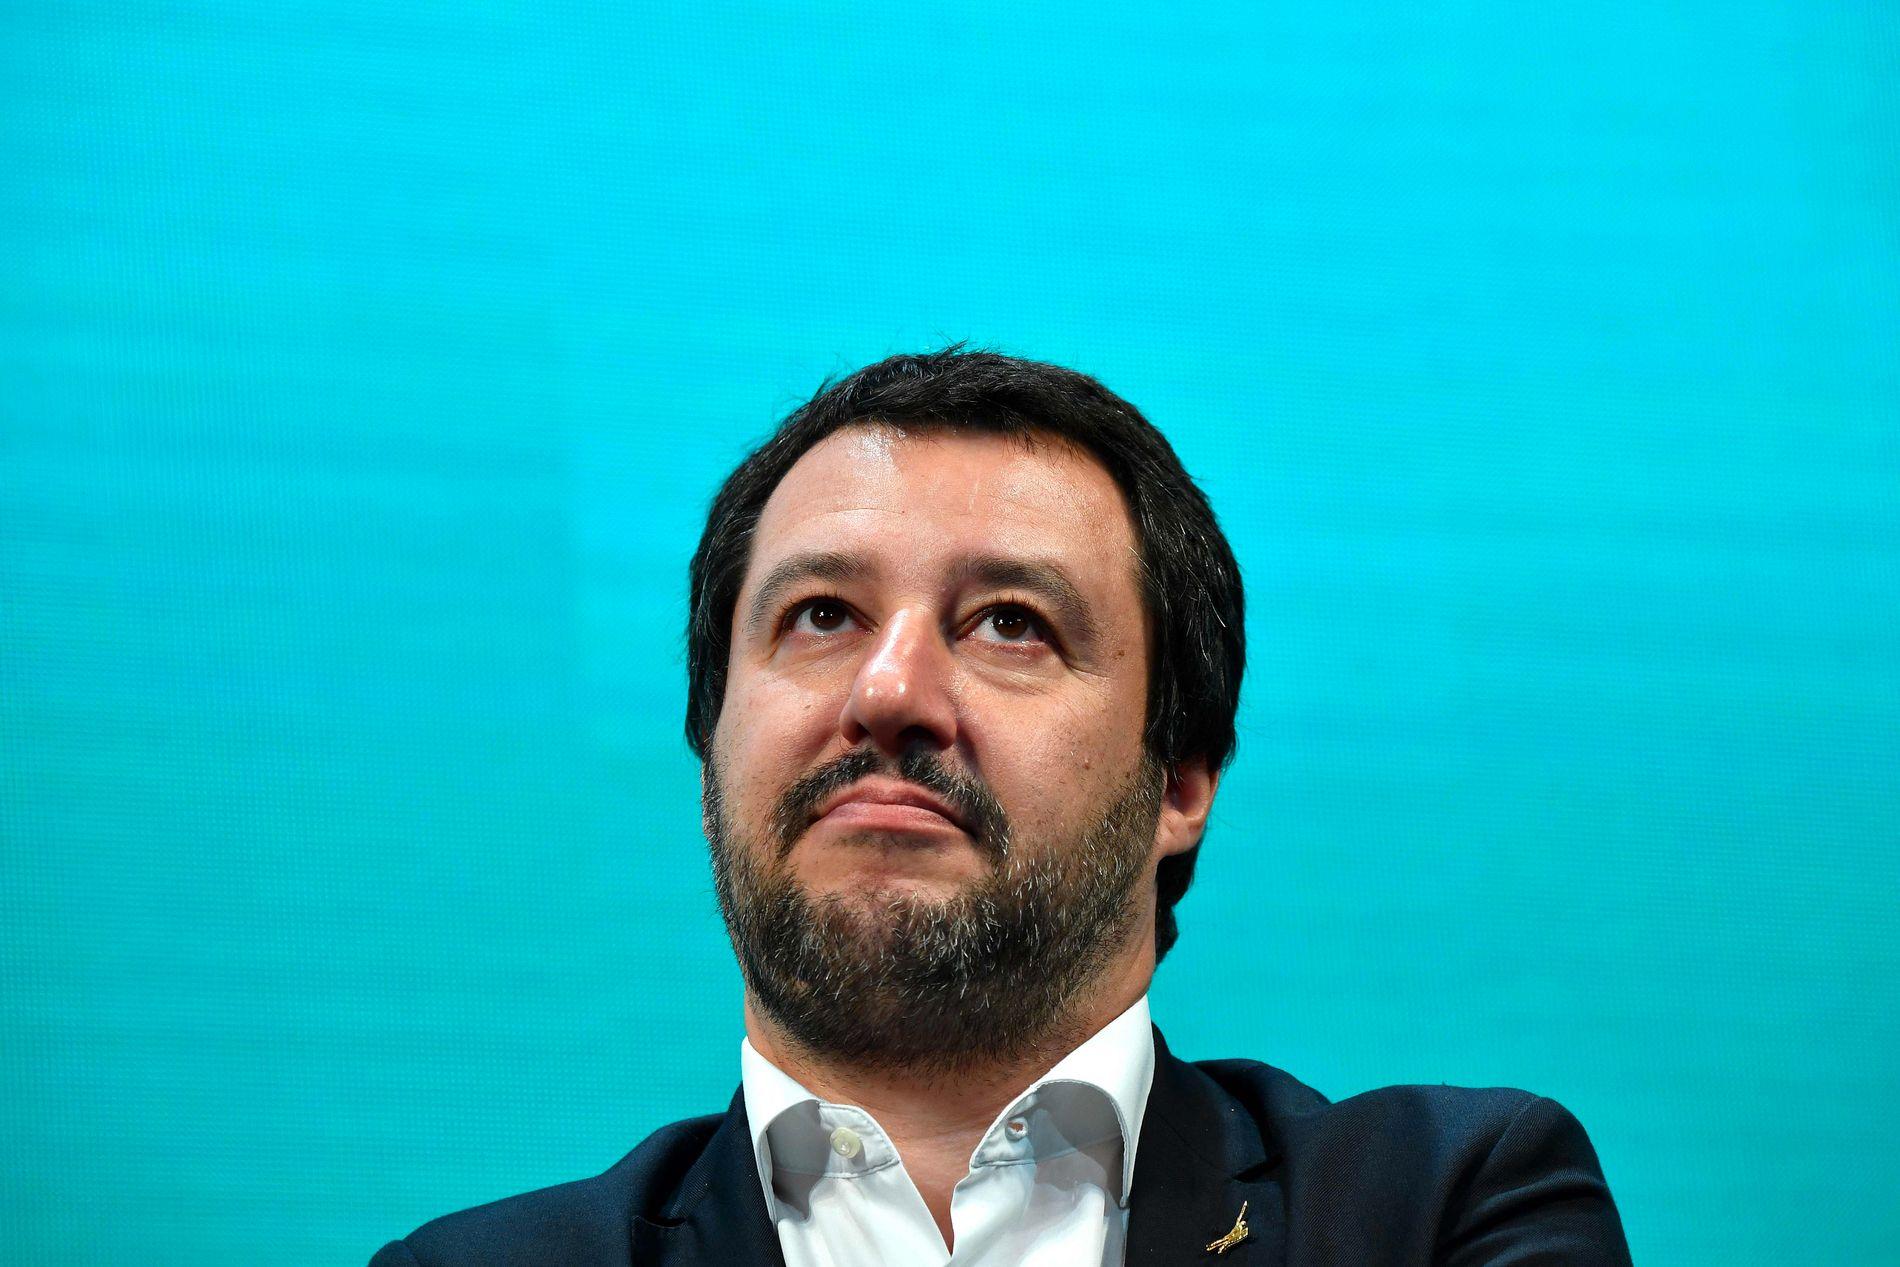 KLAR BESKJED: Italias innenriksminister Matteo Salvini uttalte på Facebook at de to migrantskipene « får finne seg noen andre ikke-italienske havner å dra til».